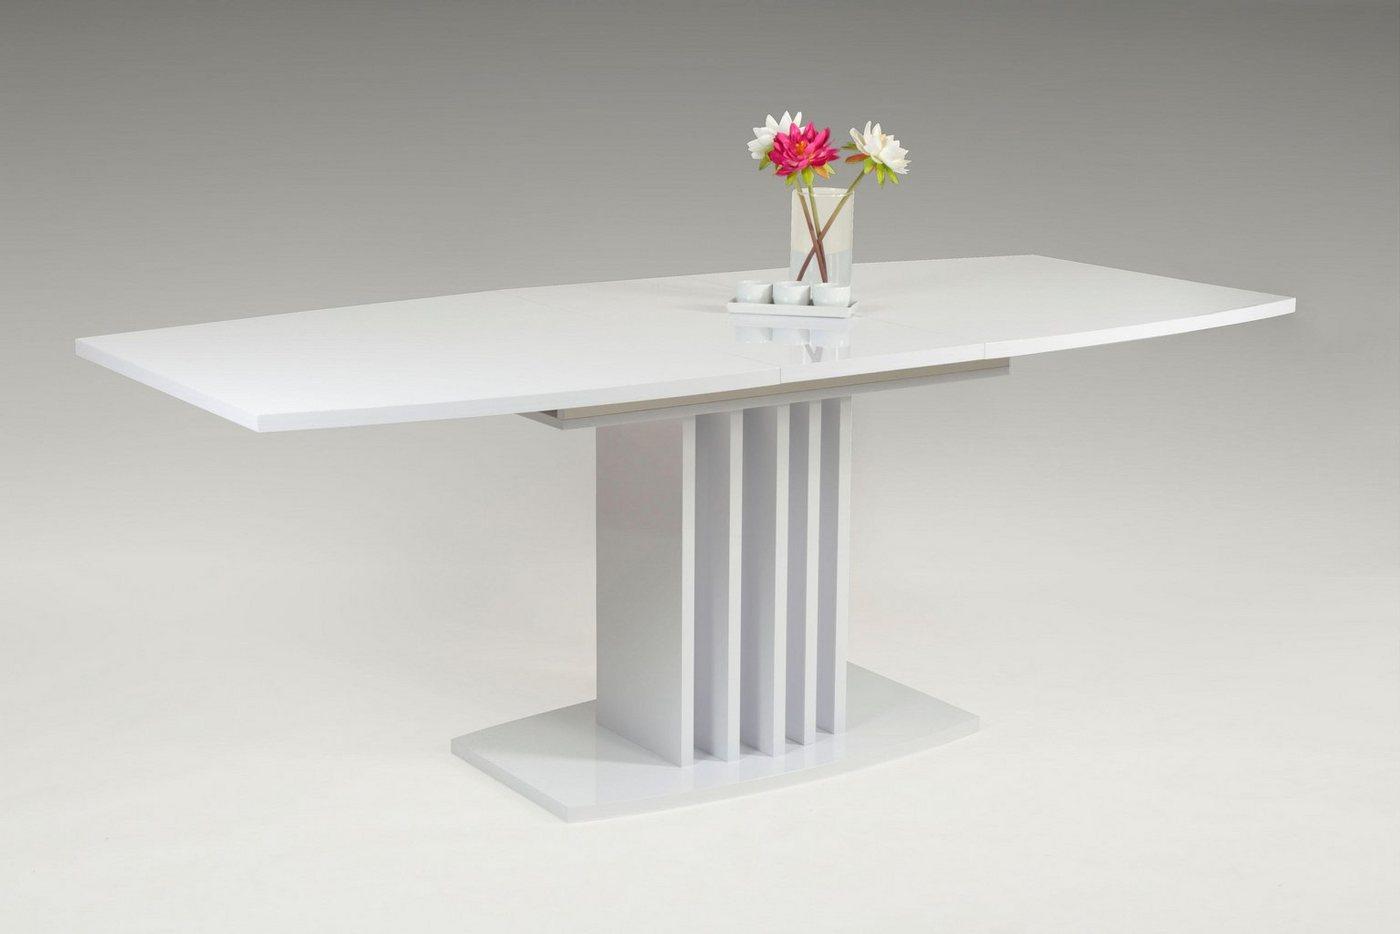 Eettafel op zuil, breedte 160 cm